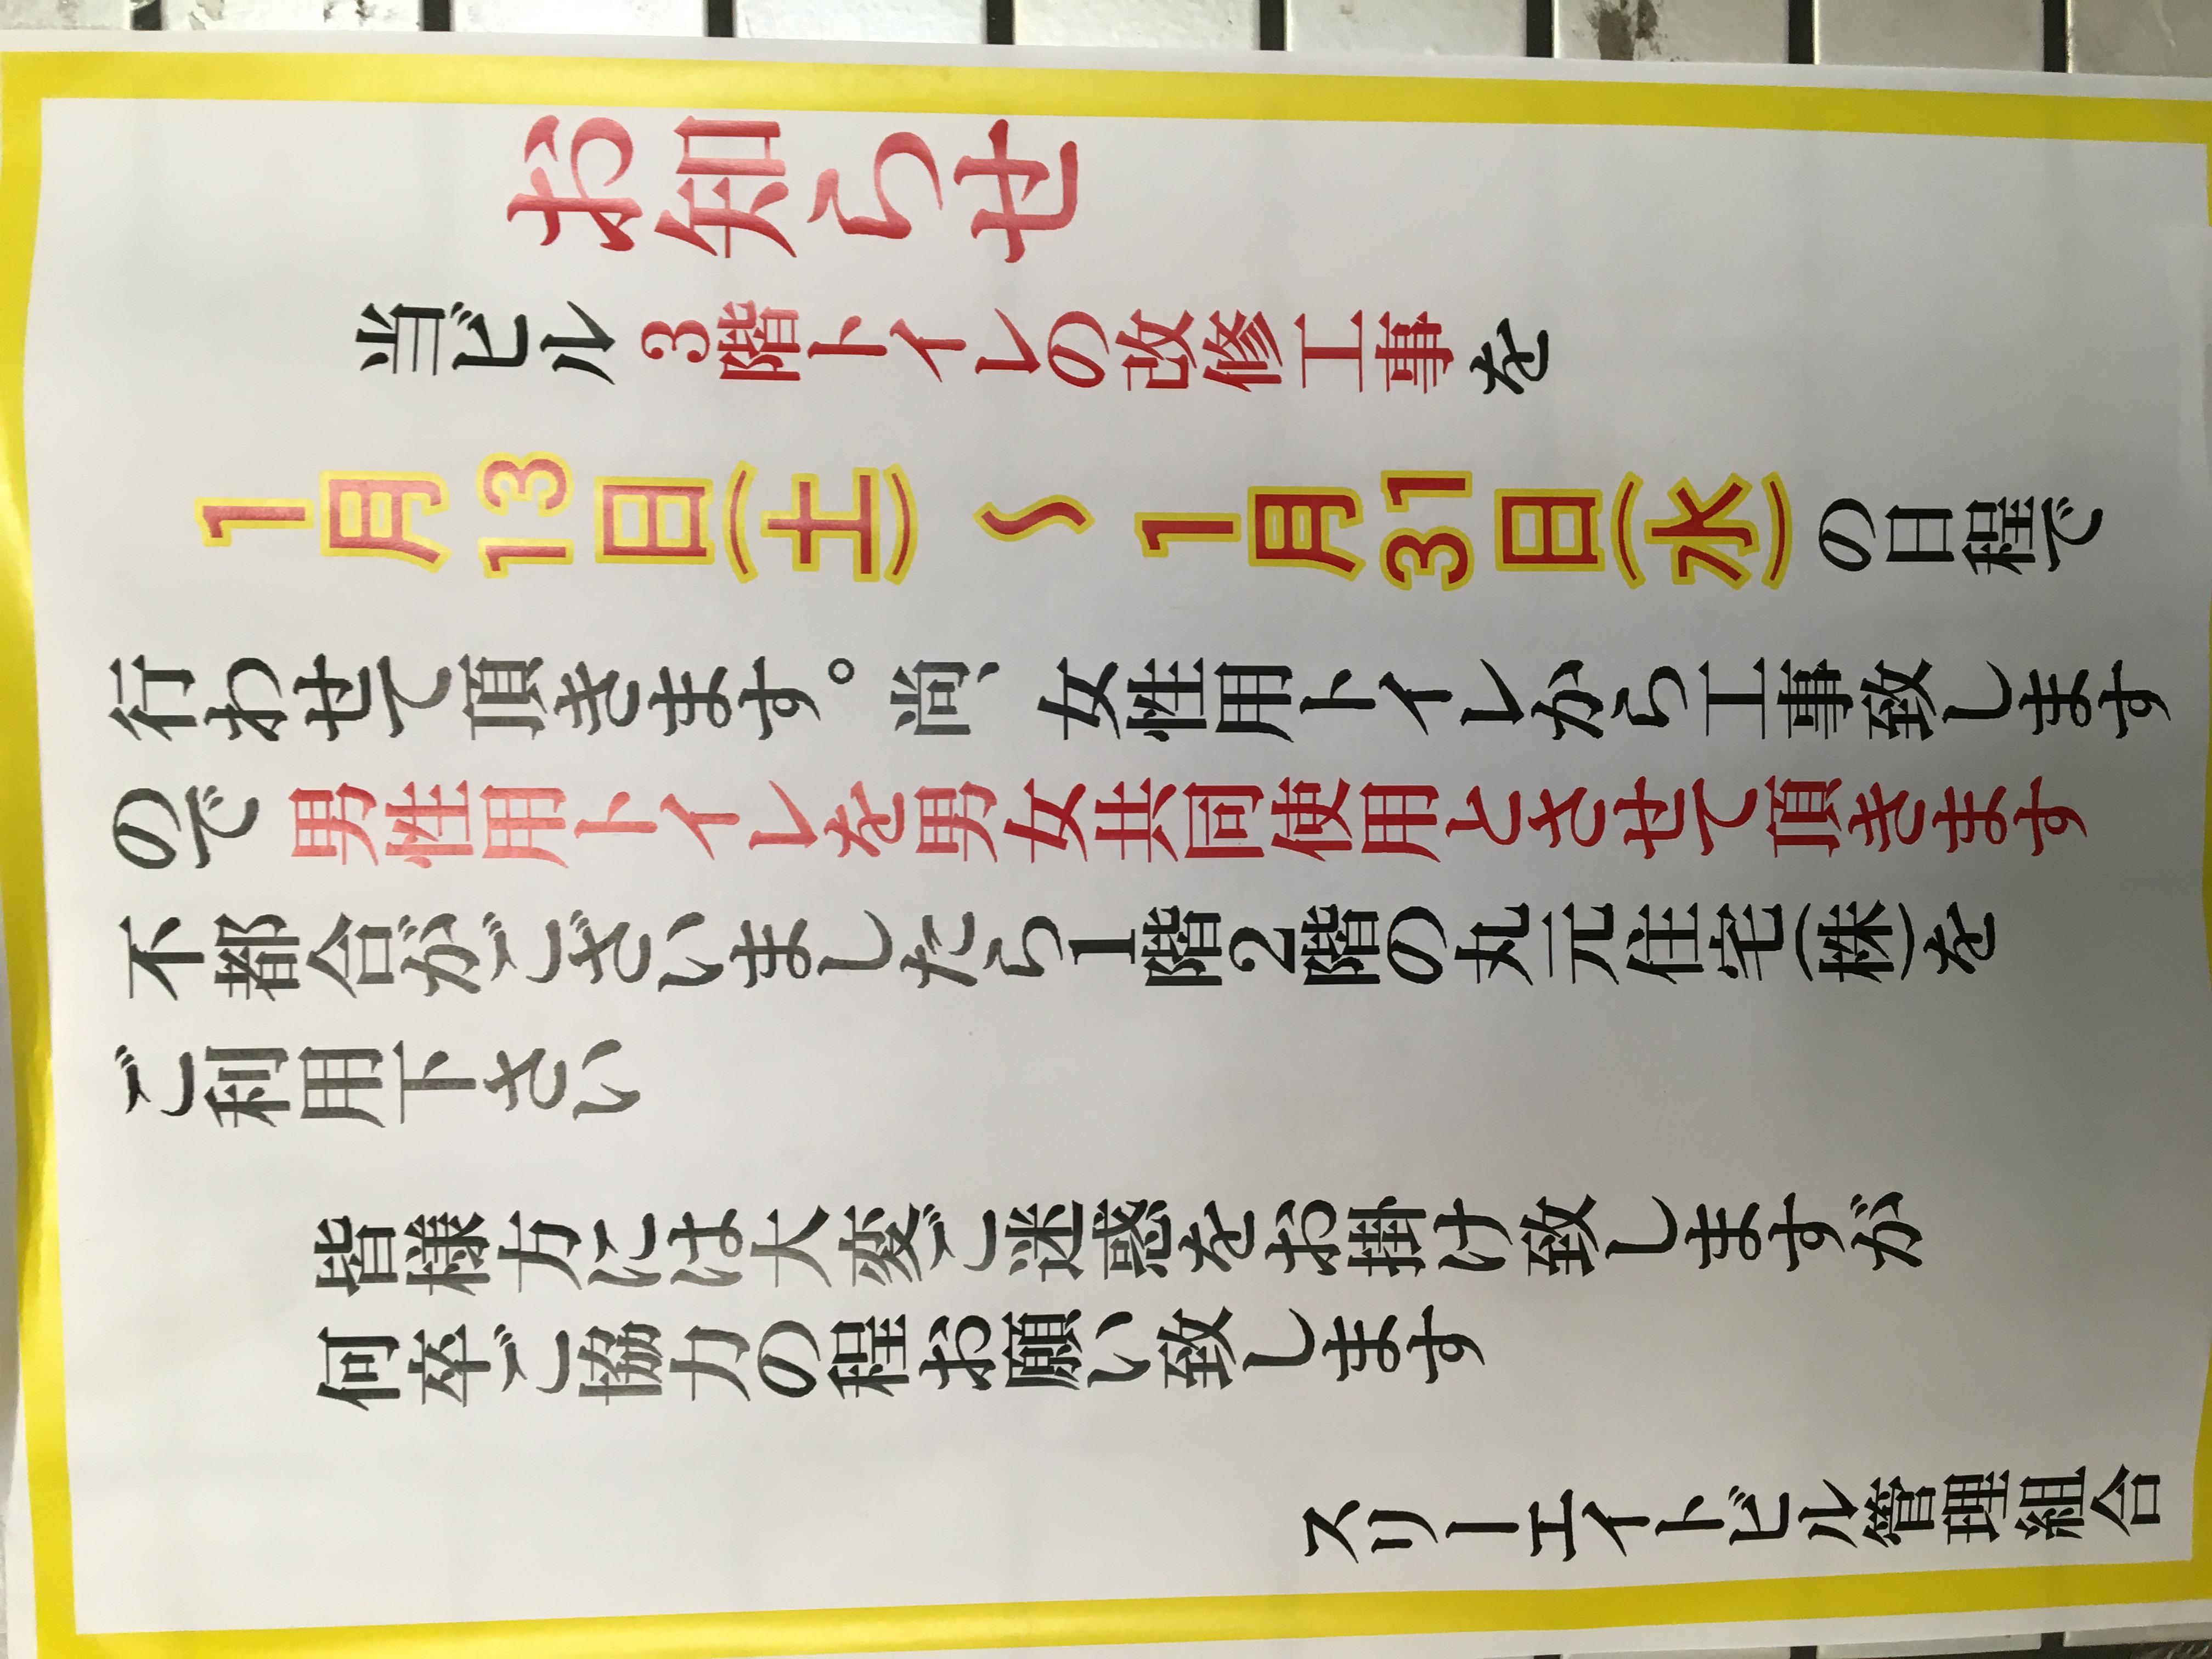 藤井寺店トイレ工事でご迷惑かけます。